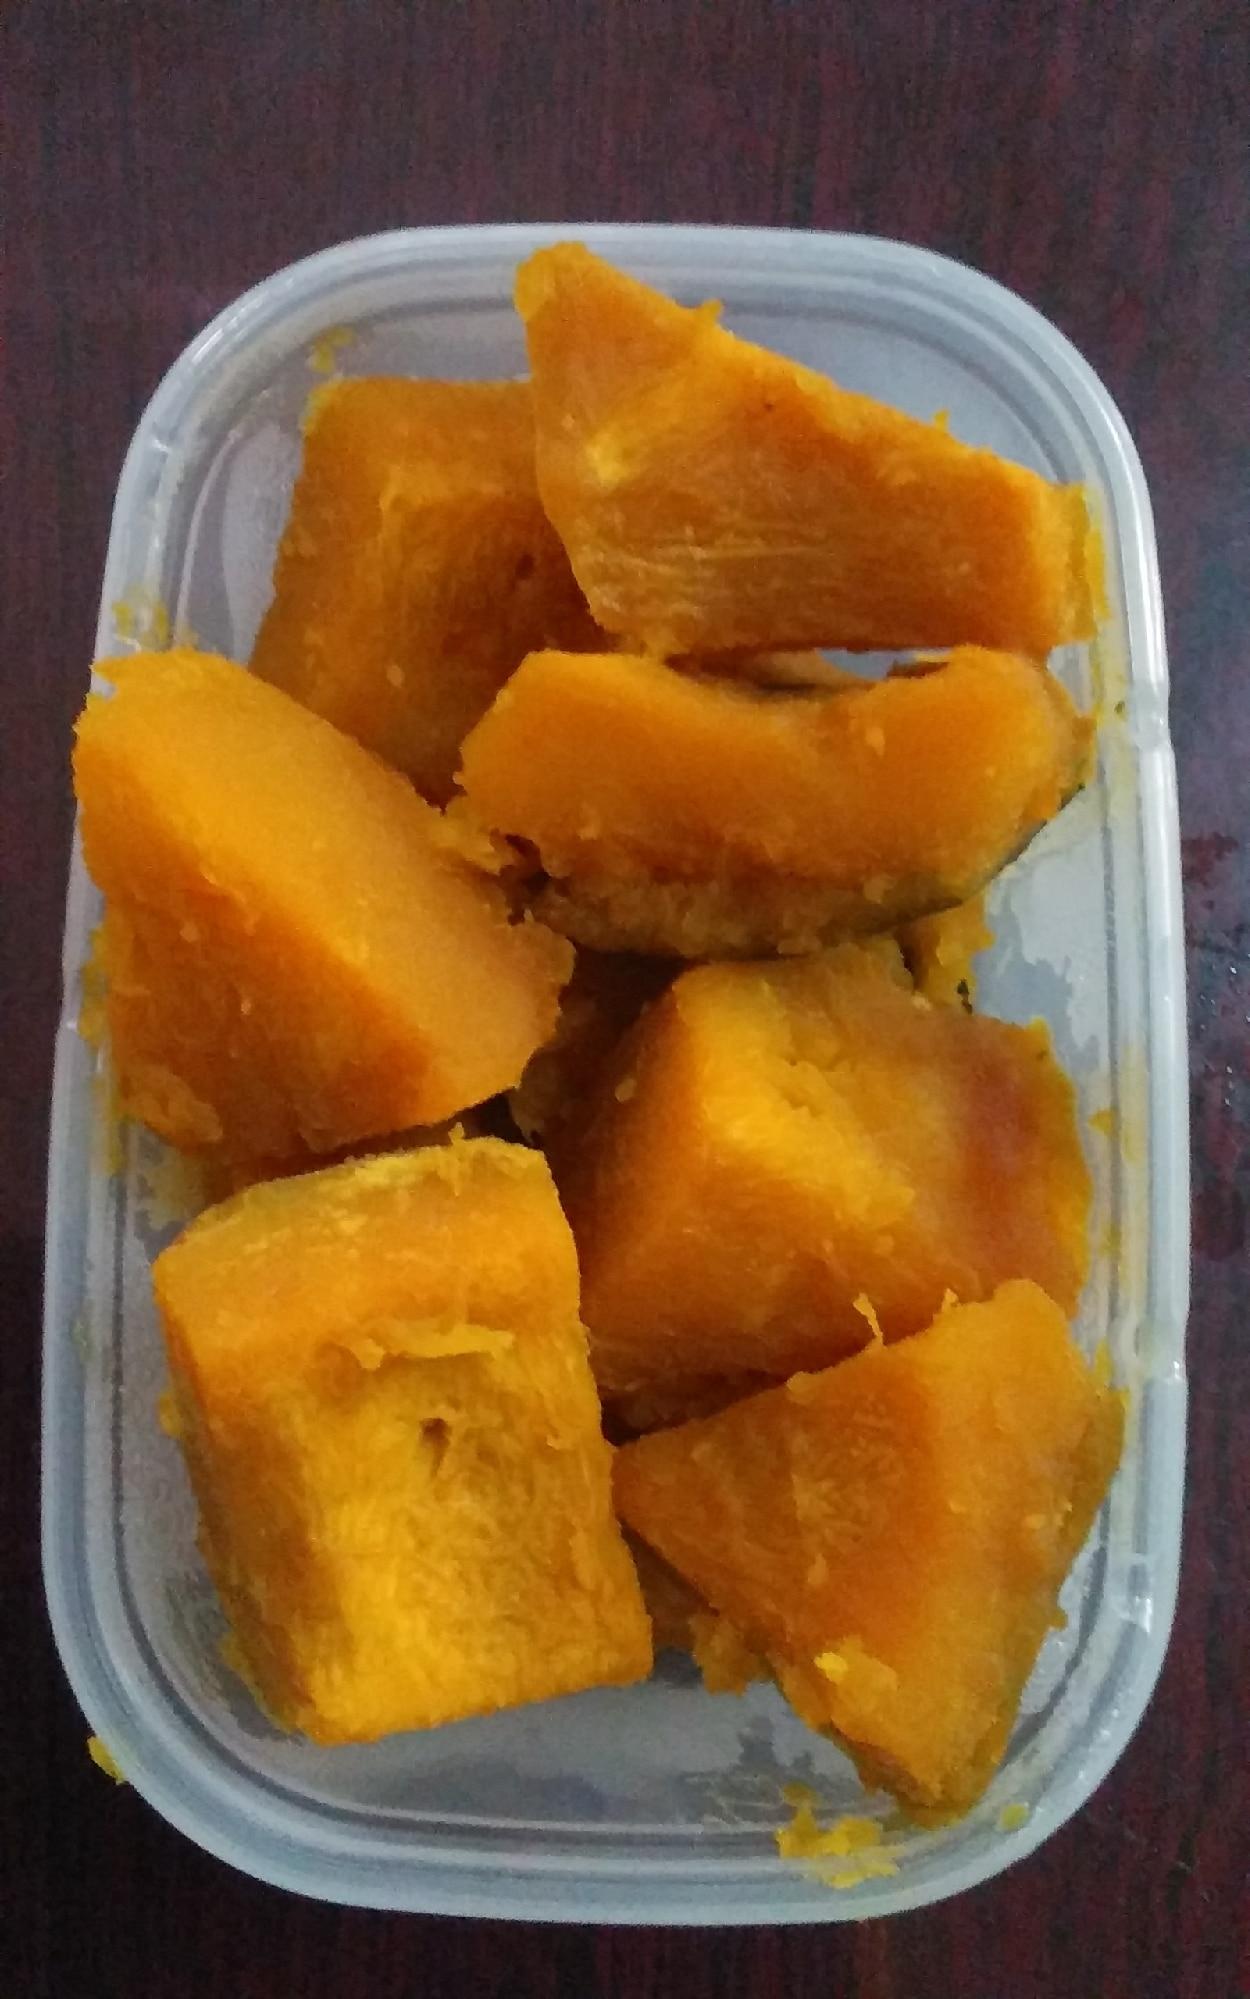 冷凍 煮物 かぼちゃ の